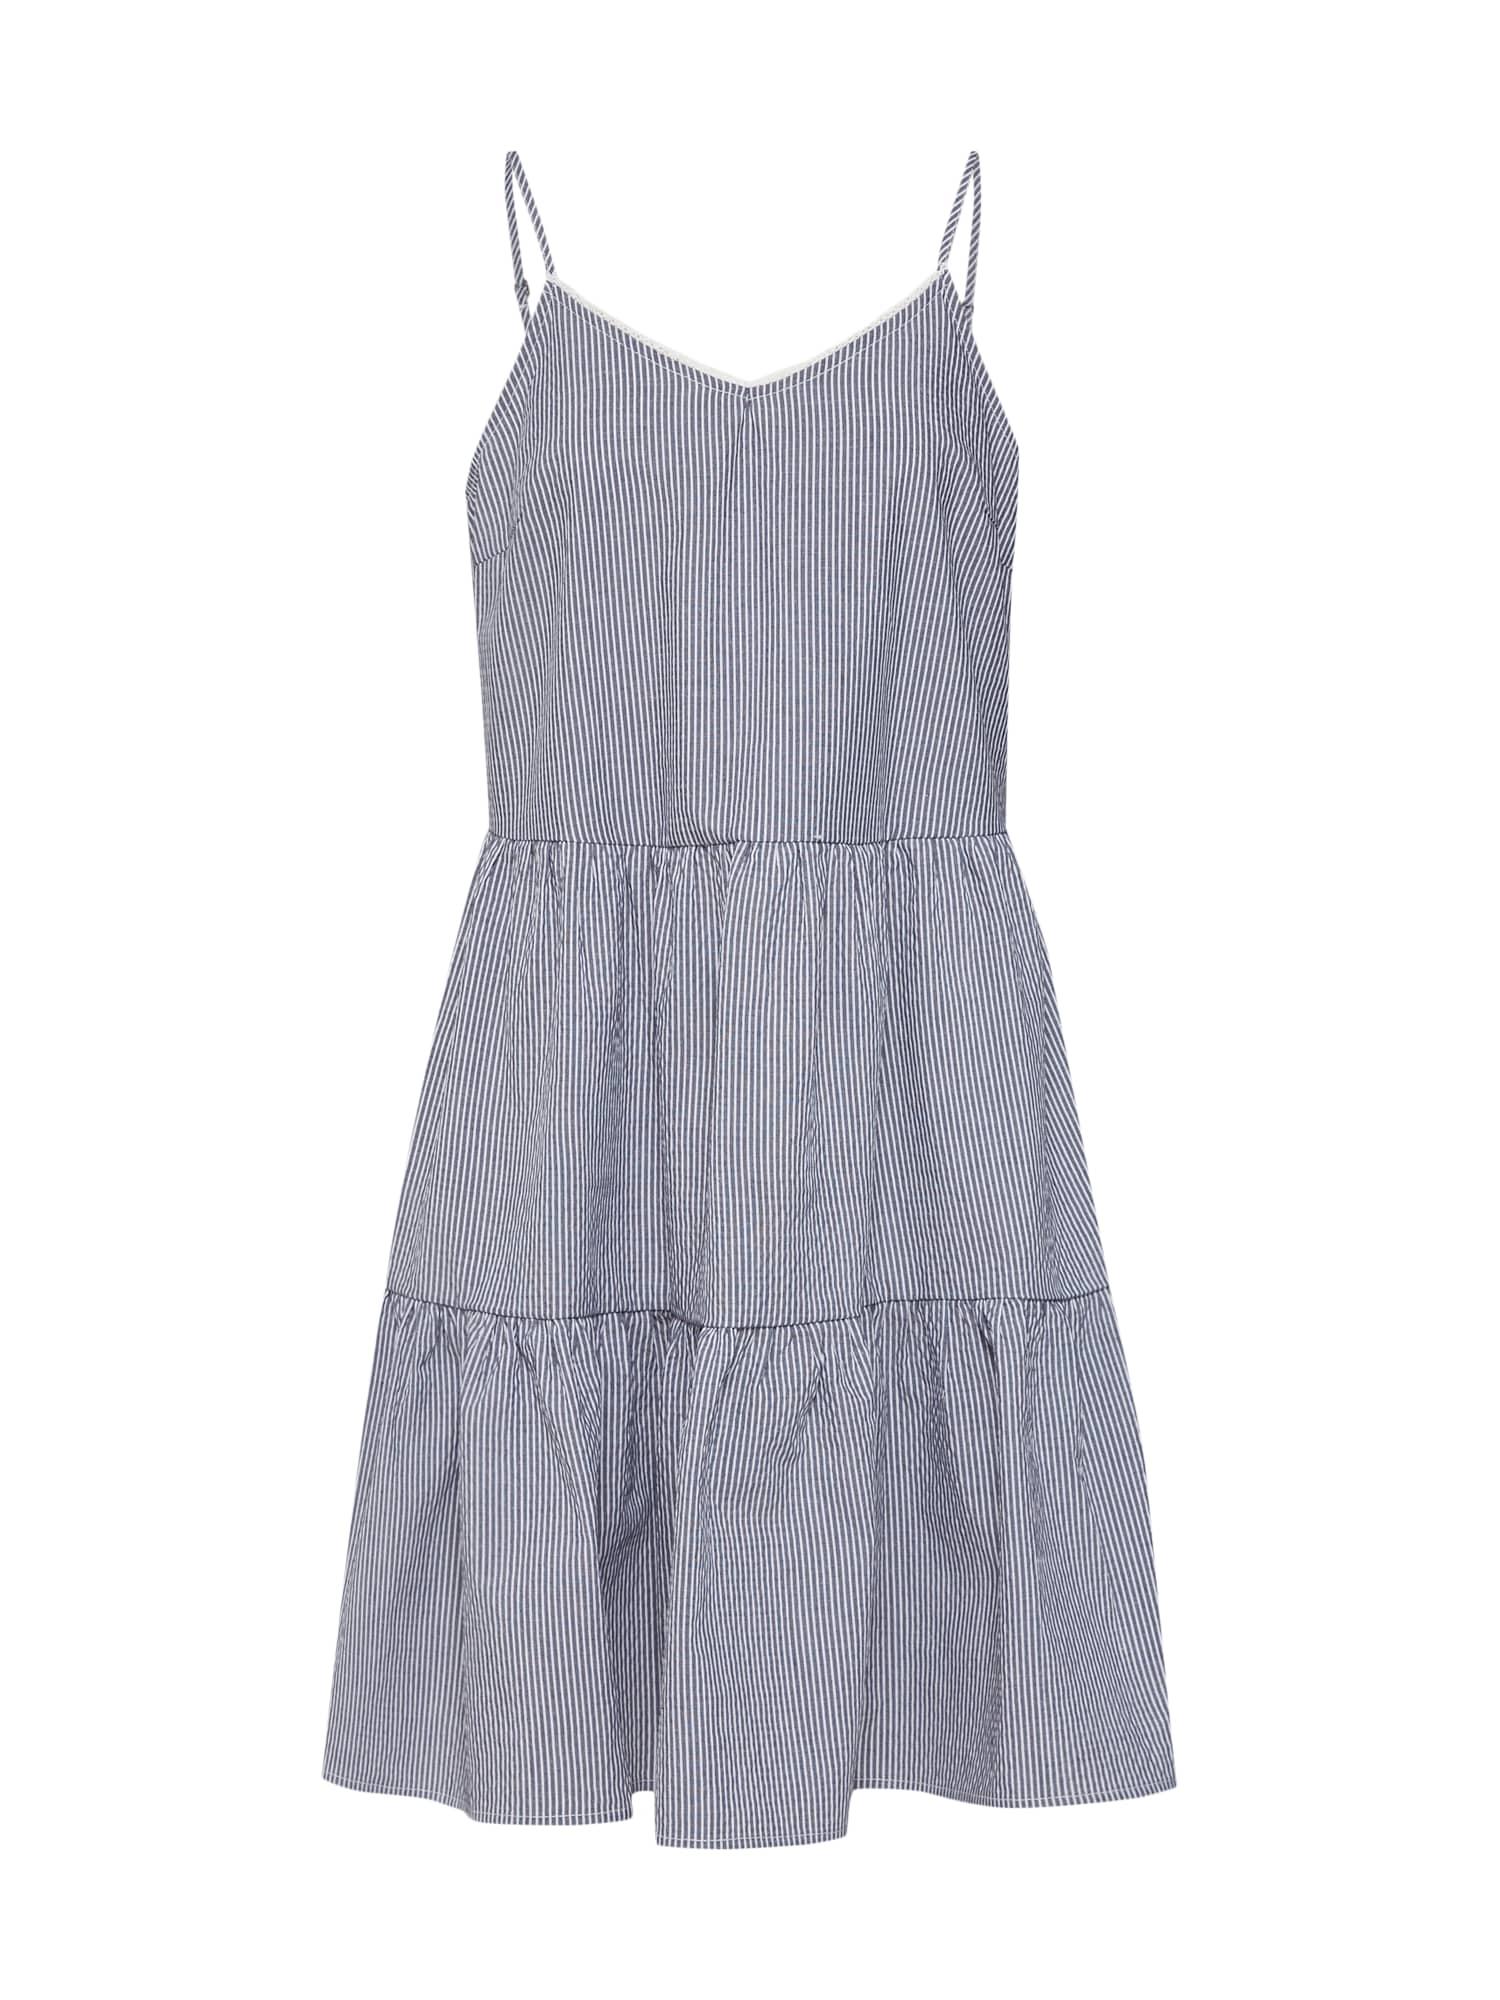 Letní šaty VMJANE ABK SINGLET DRESS noční modrá bílá VERO MODA